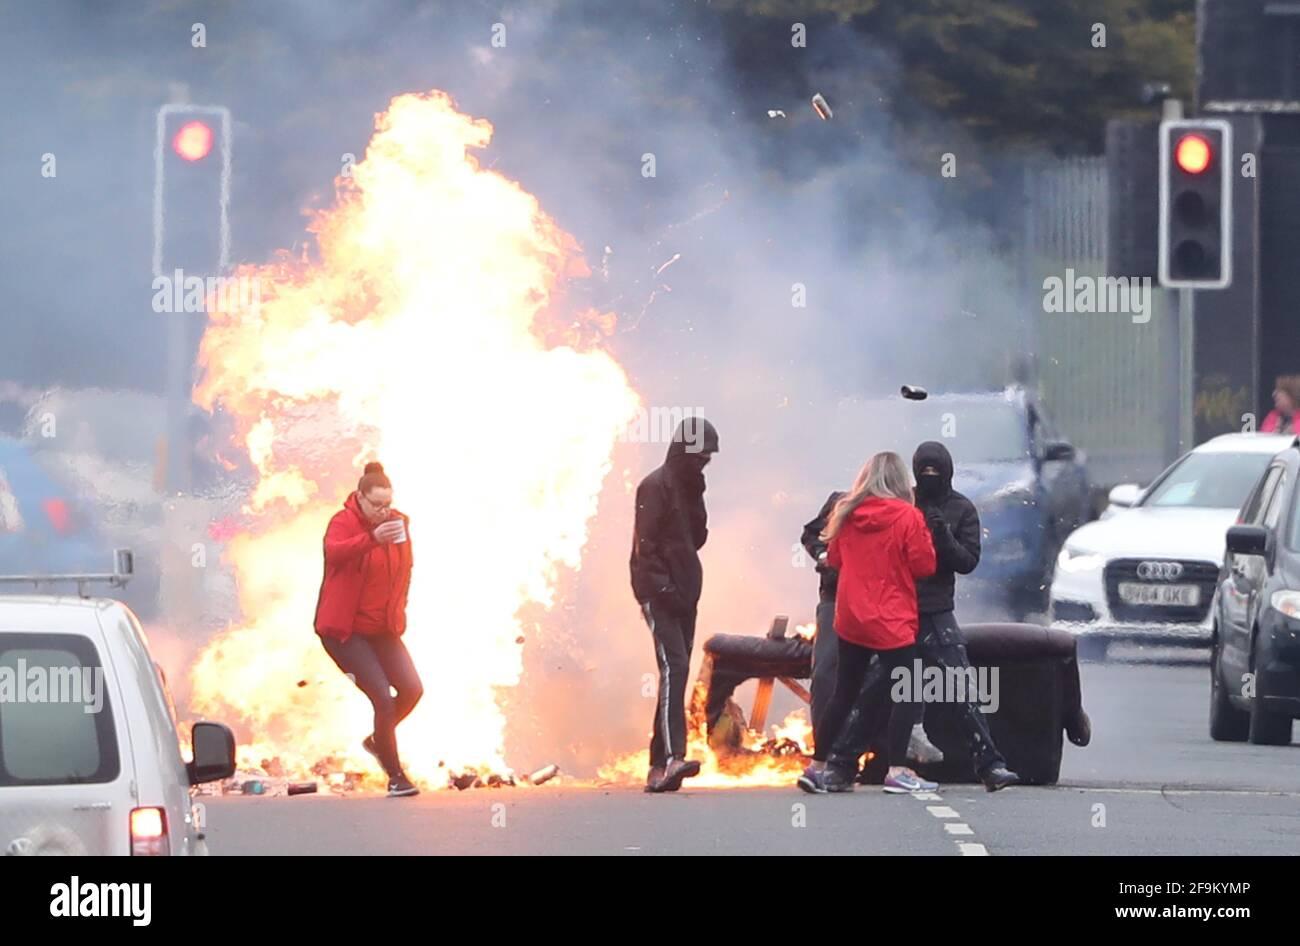 Un incendio en Shankill Road en Belfast durante nuevos disturbios. Fecha de la foto: Lunes 19 de abril de 2021. Foto de stock